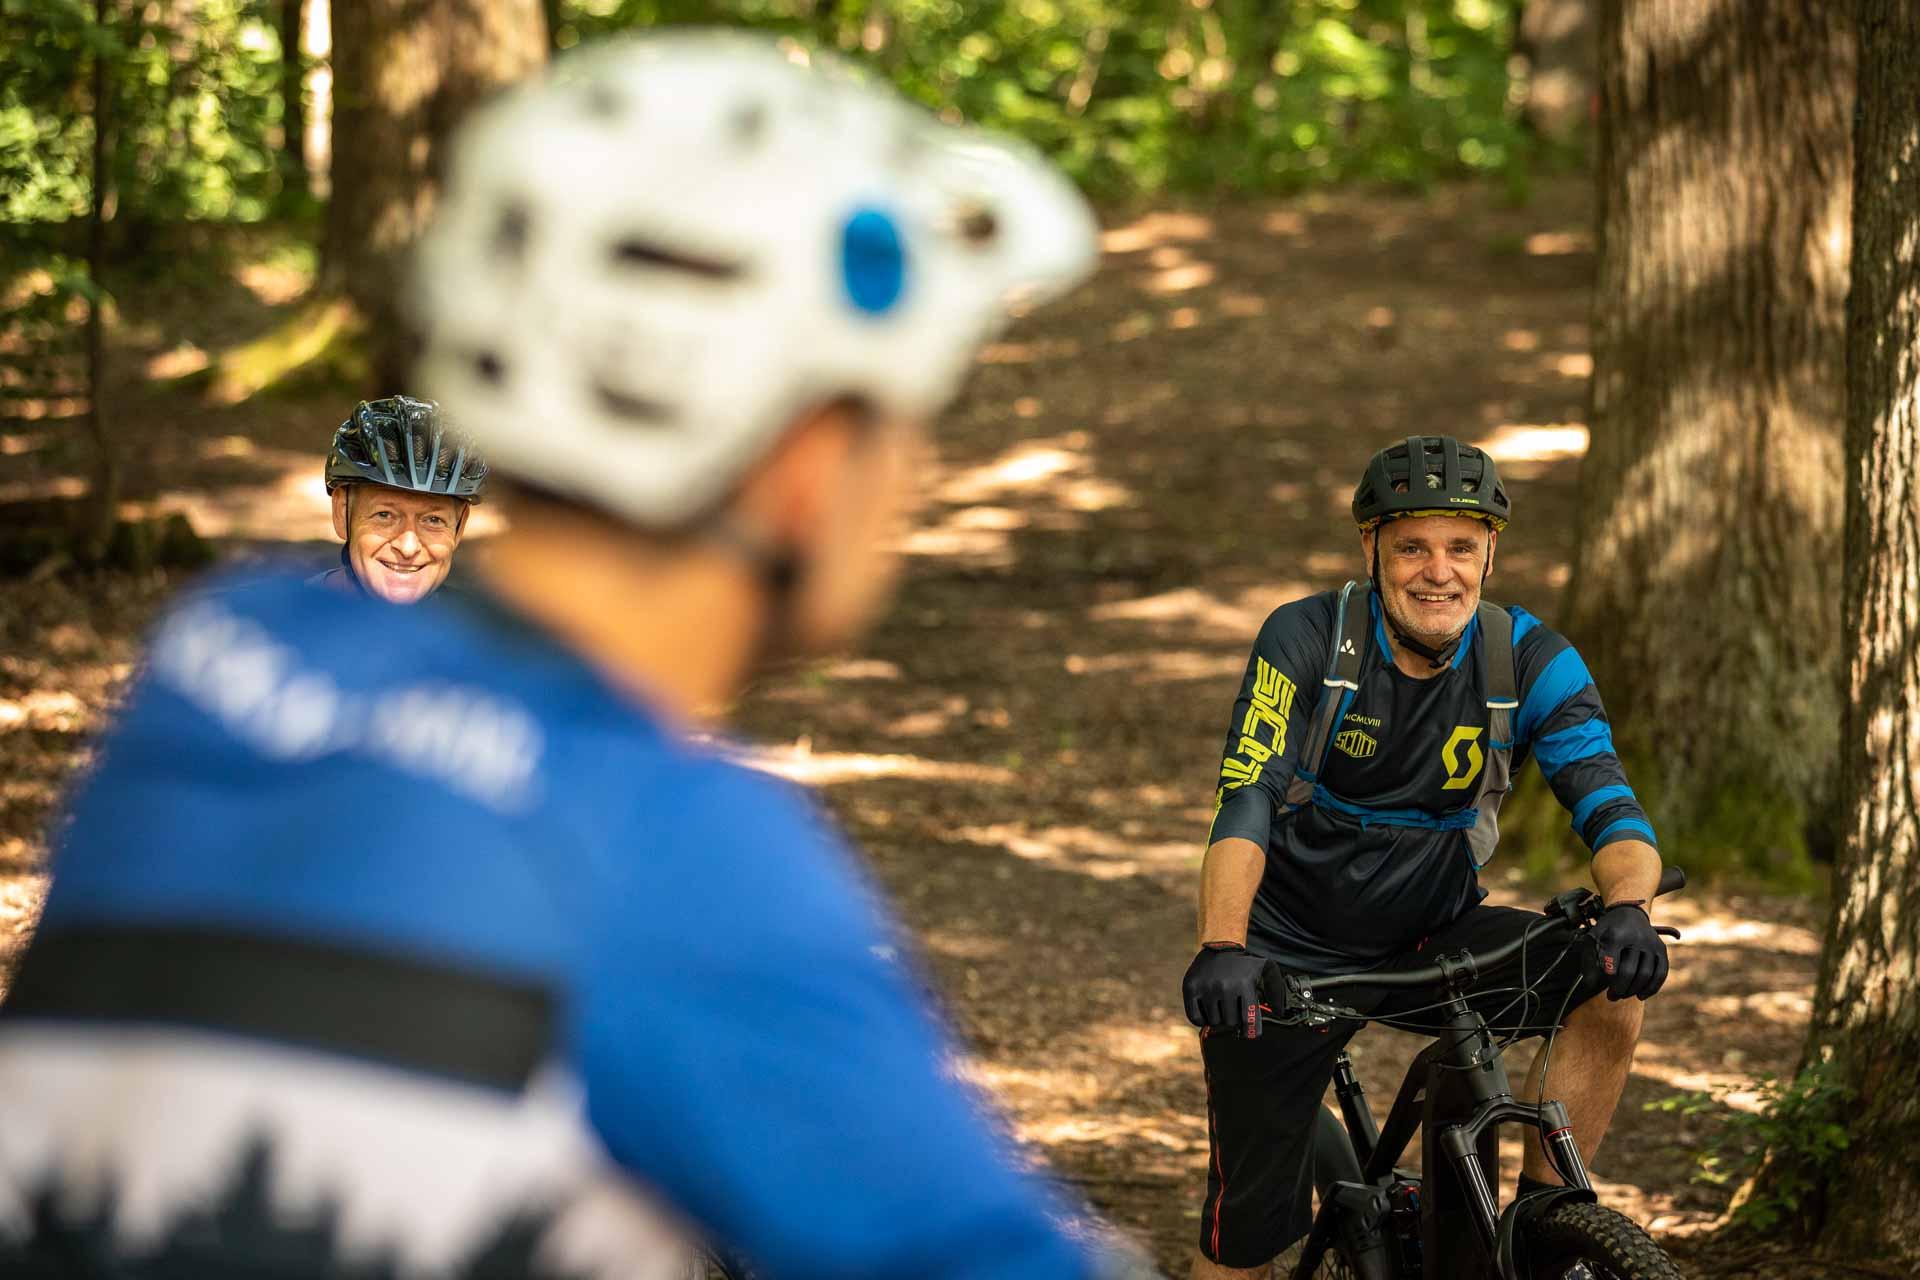 MTB Fahrtechnik Kurs für Einsteiger in Stuttgart |Esslingen - Mountainbike Basic - Rock my Trail Bikeschule